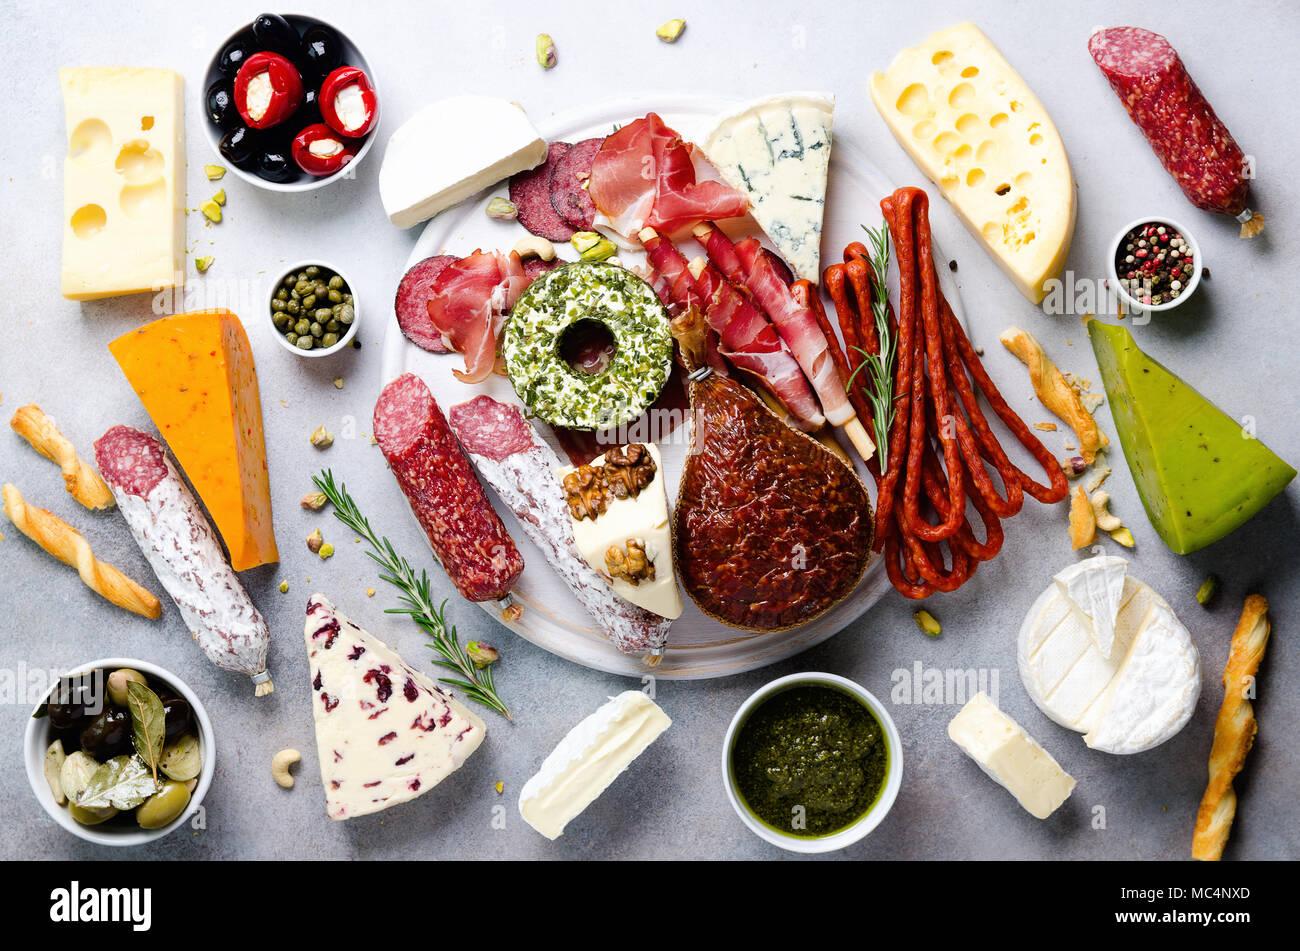 Antipasti italiens traditionnels, planche à découper, de salami, de la viande fumée à froid, le prosciutto, jambon, fromages, olives, câpres sur fond gris. Viande et fromage apéritif. Vue de dessus, copiez l'espace, mise à plat Photo Stock